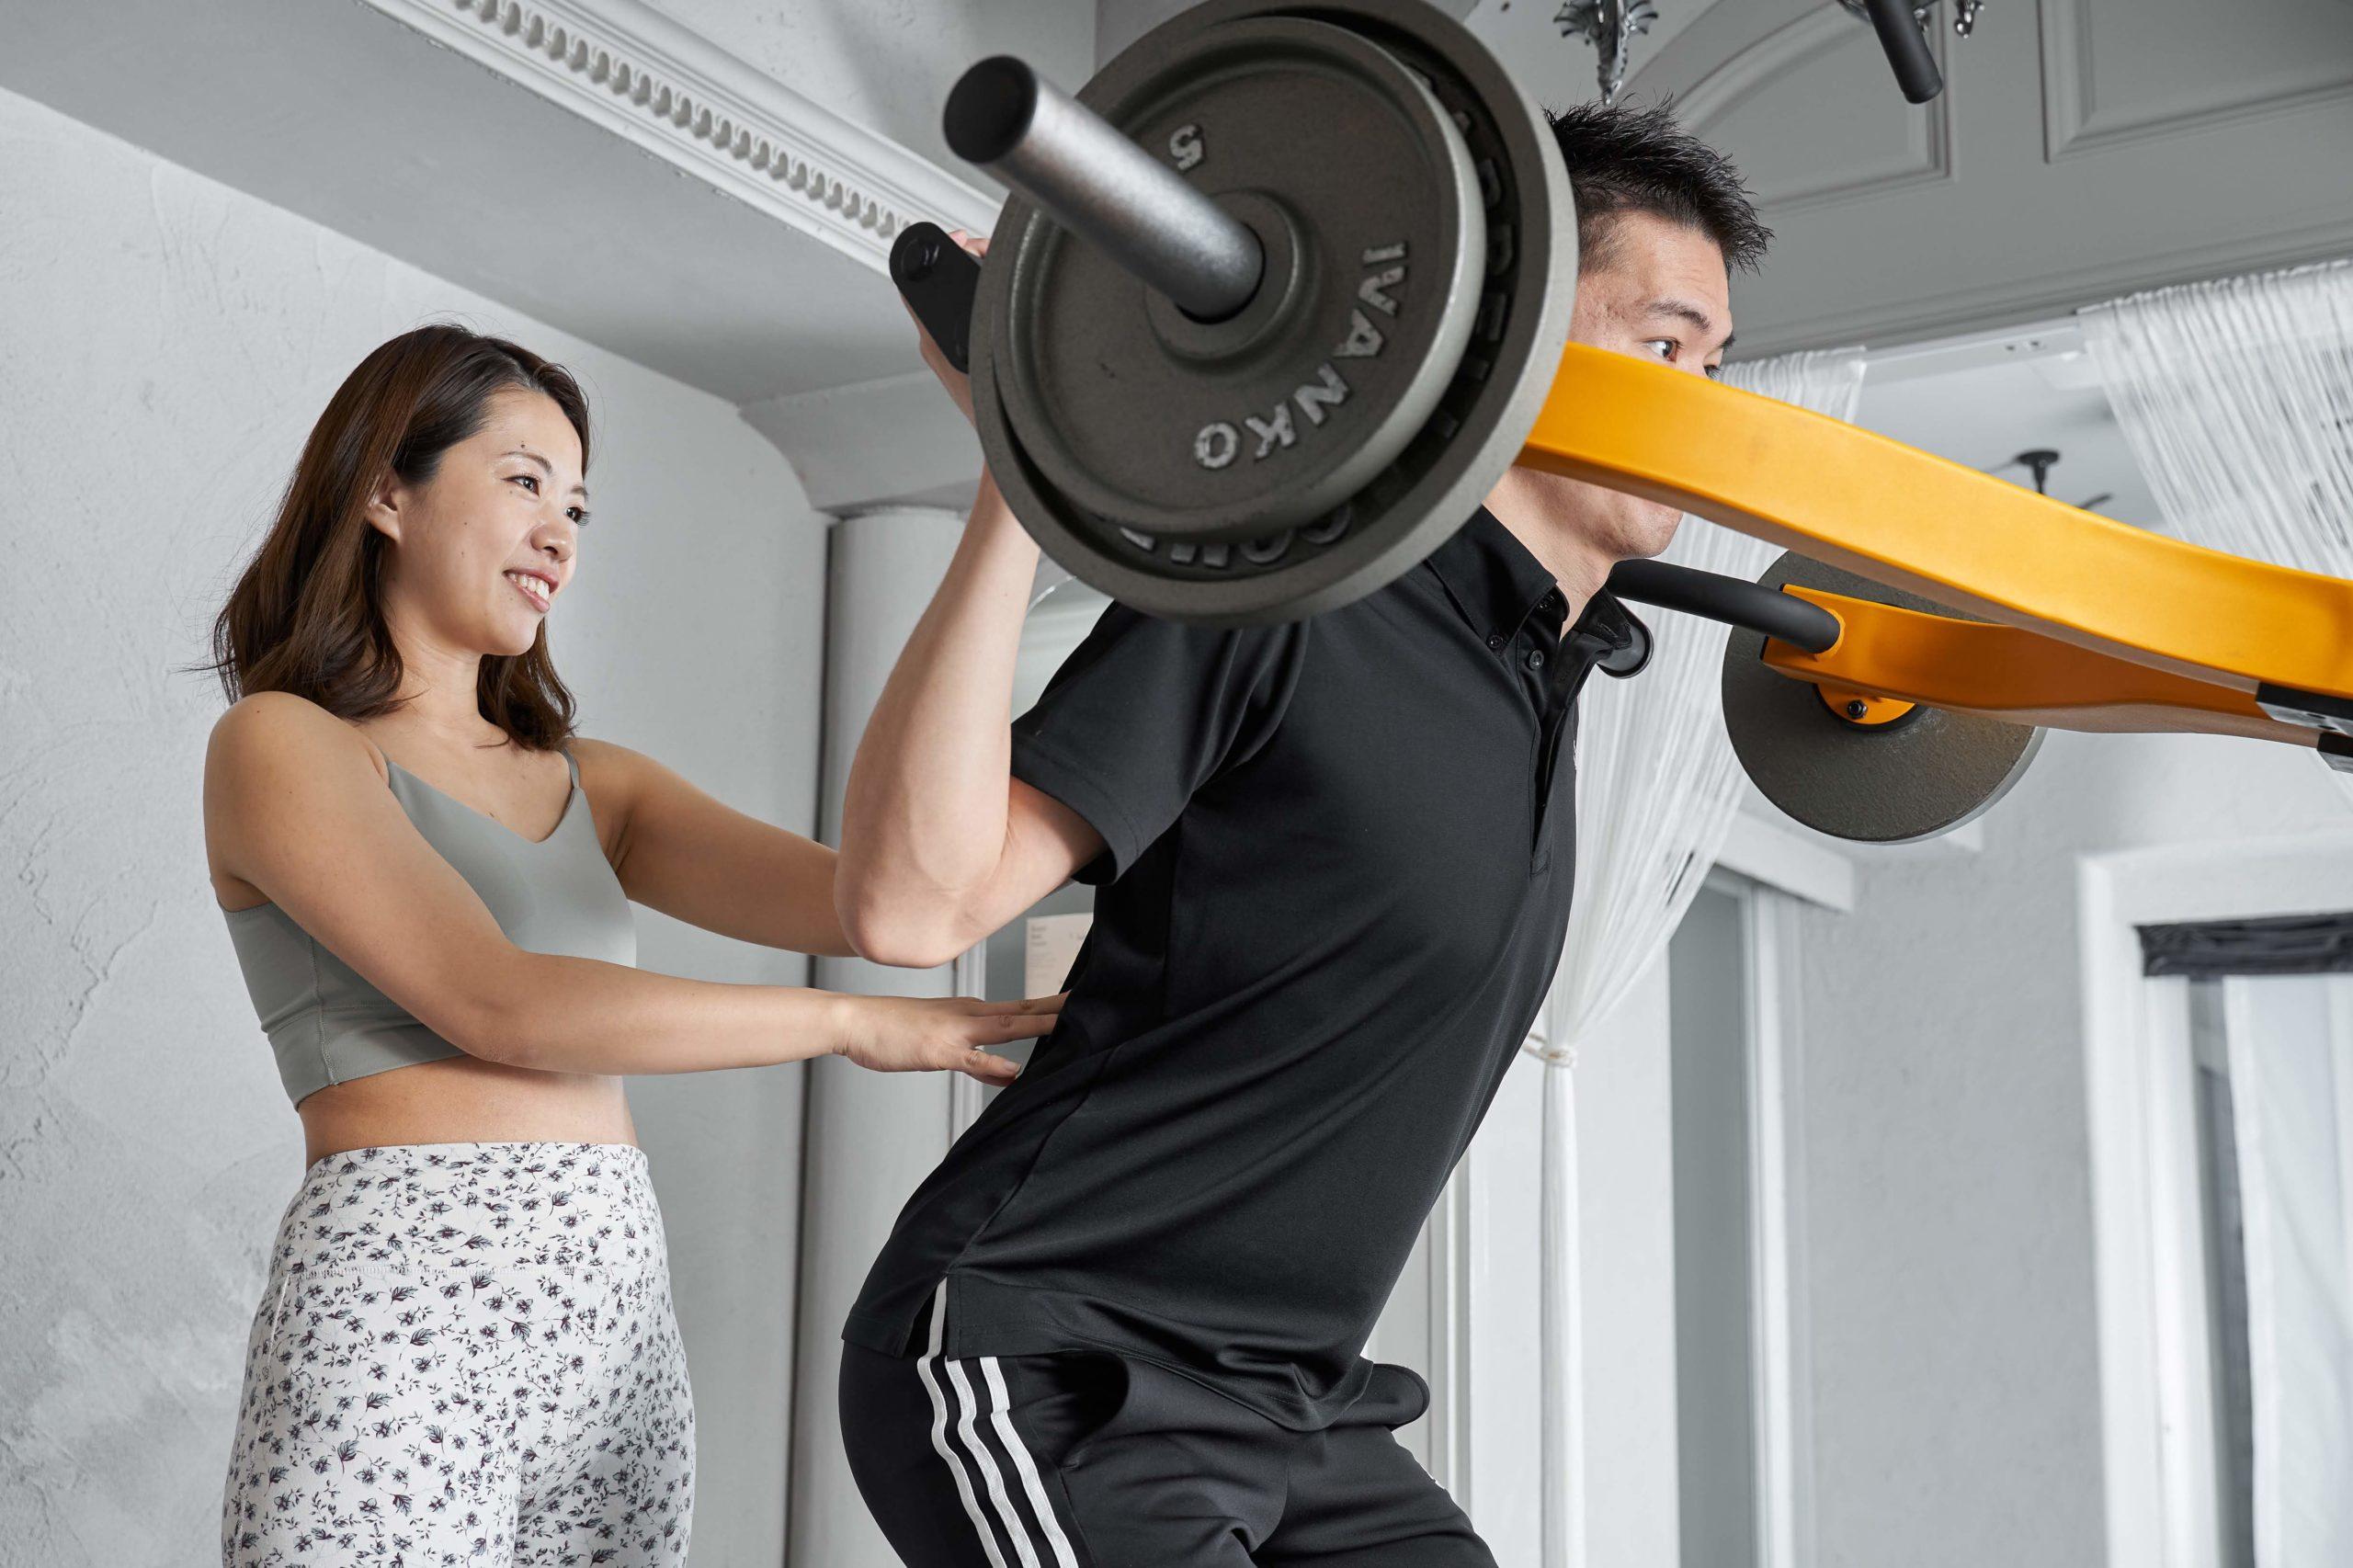 筋肉痛ってどうすれば早く治るの?効率よく筋肉痛を改善する3つのコツ